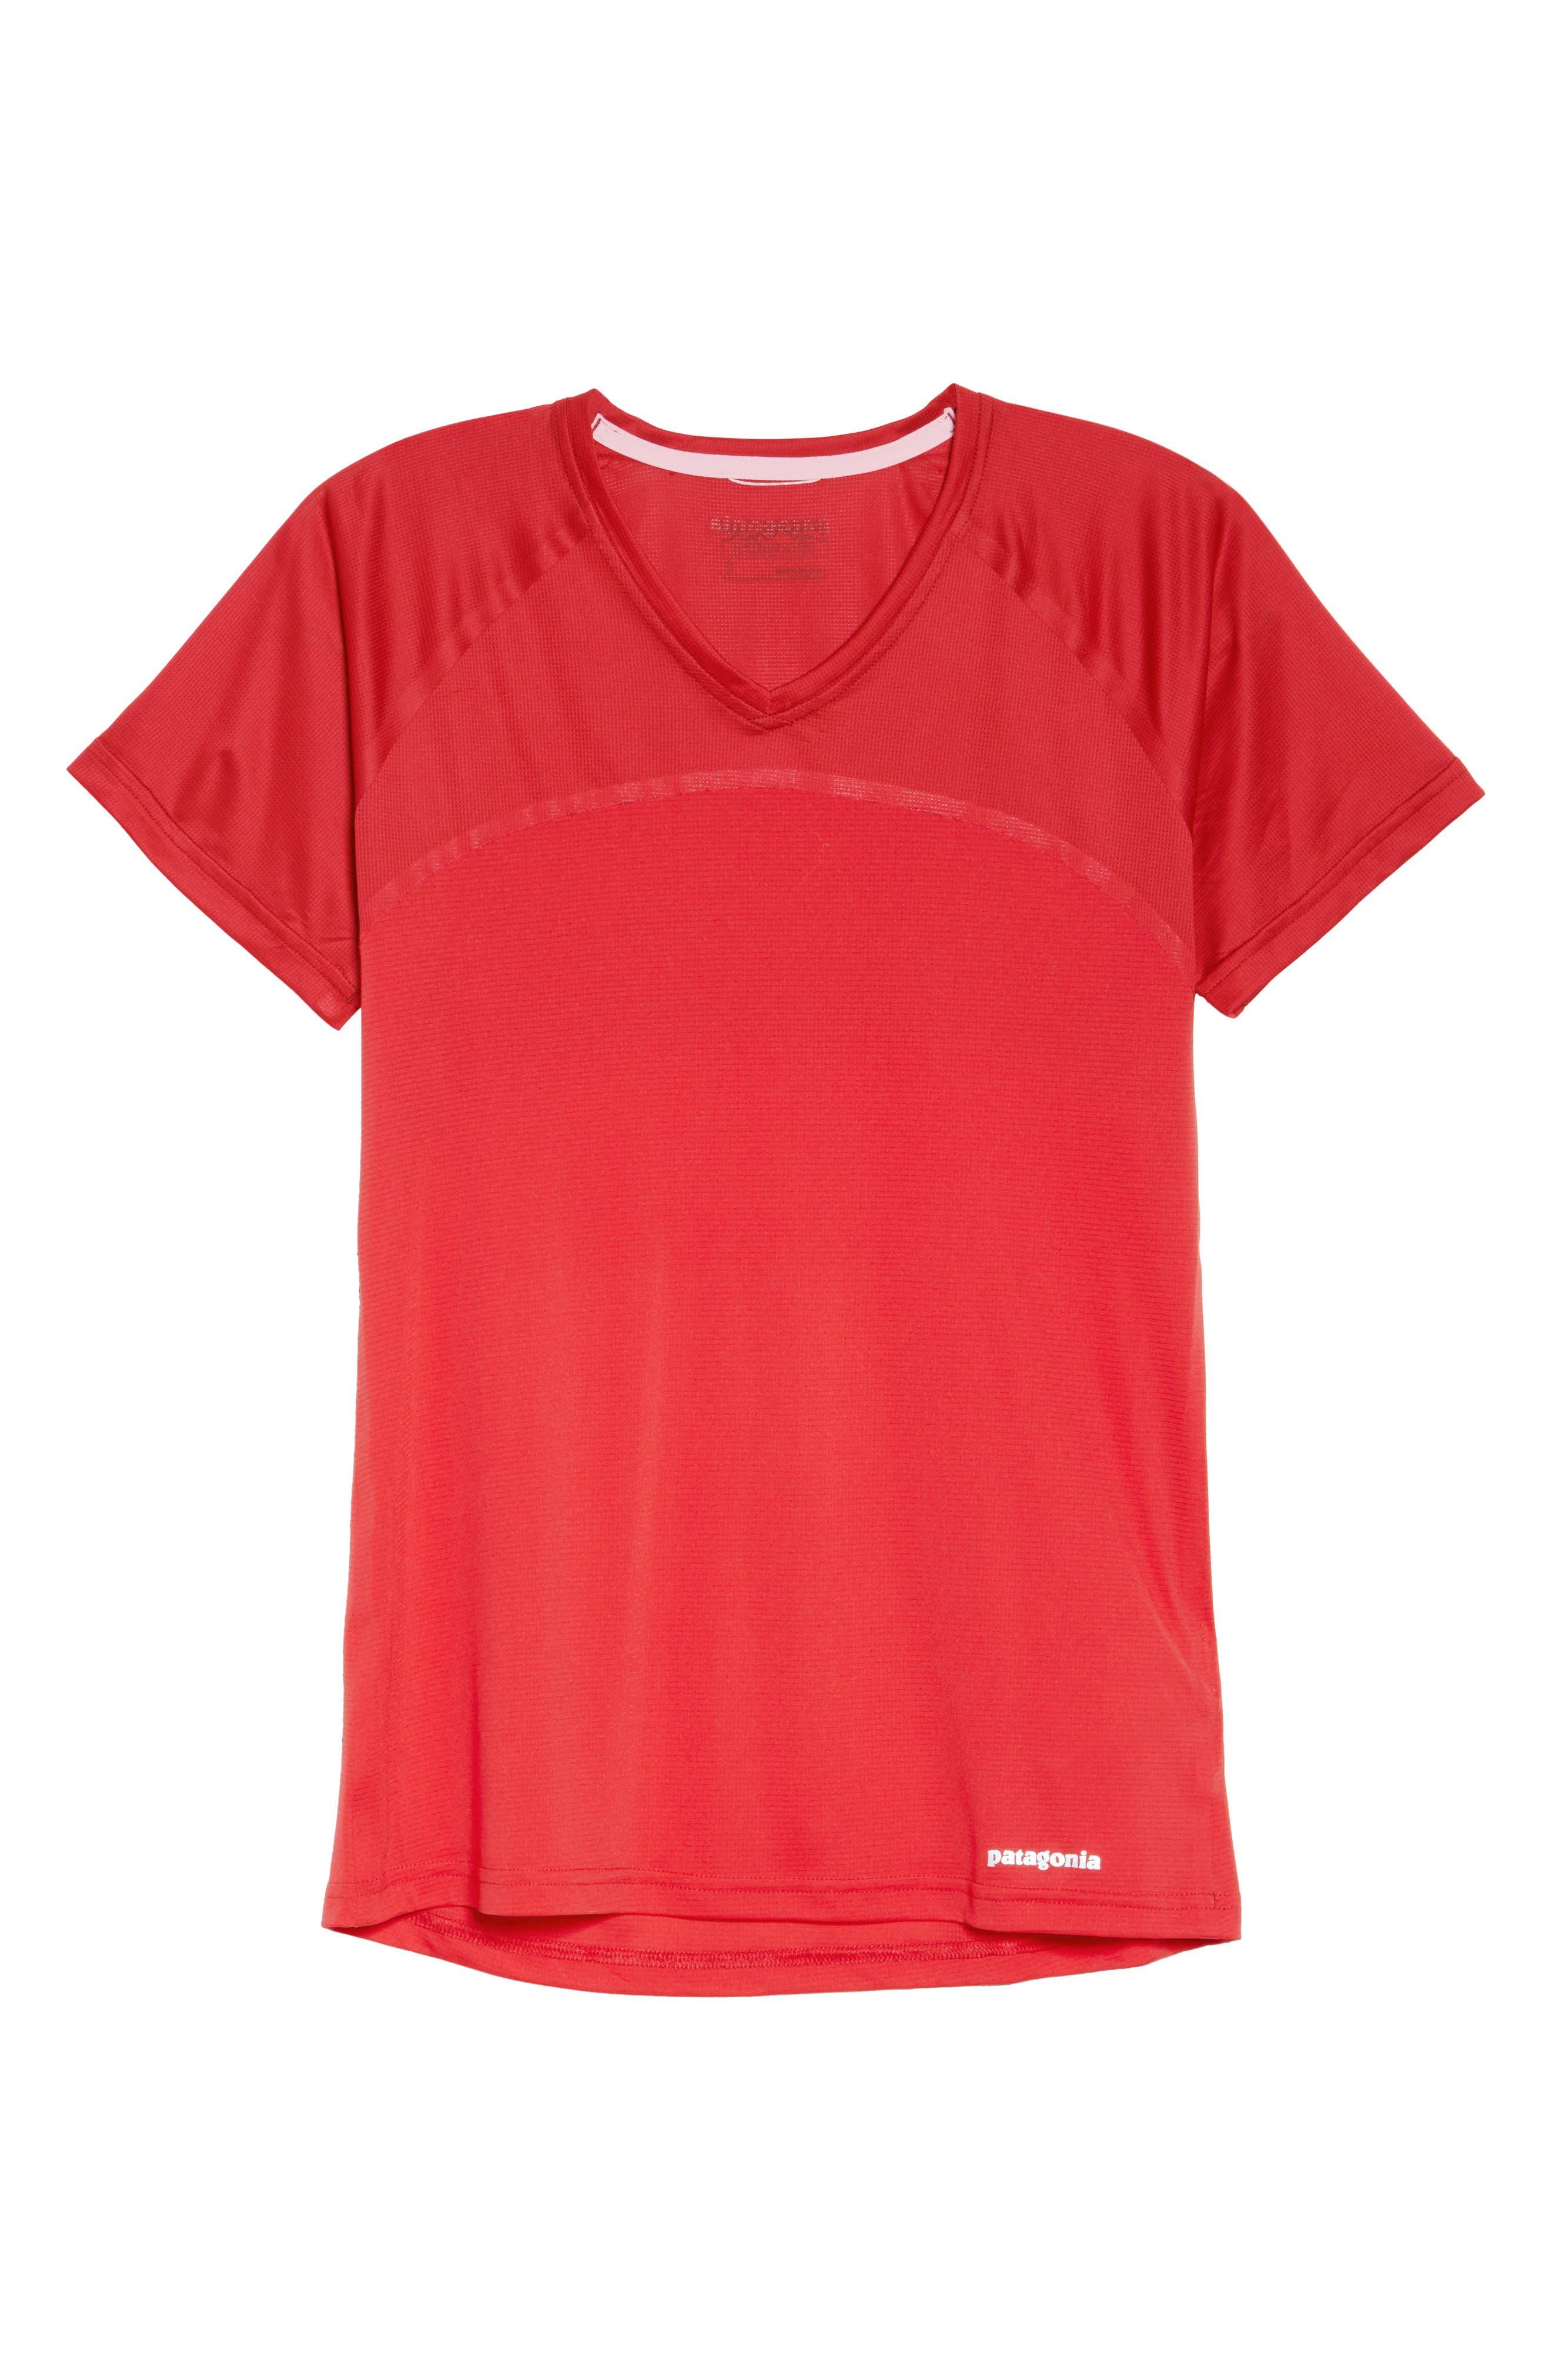 Windchaser Shirt,                             Alternate thumbnail 13, color,